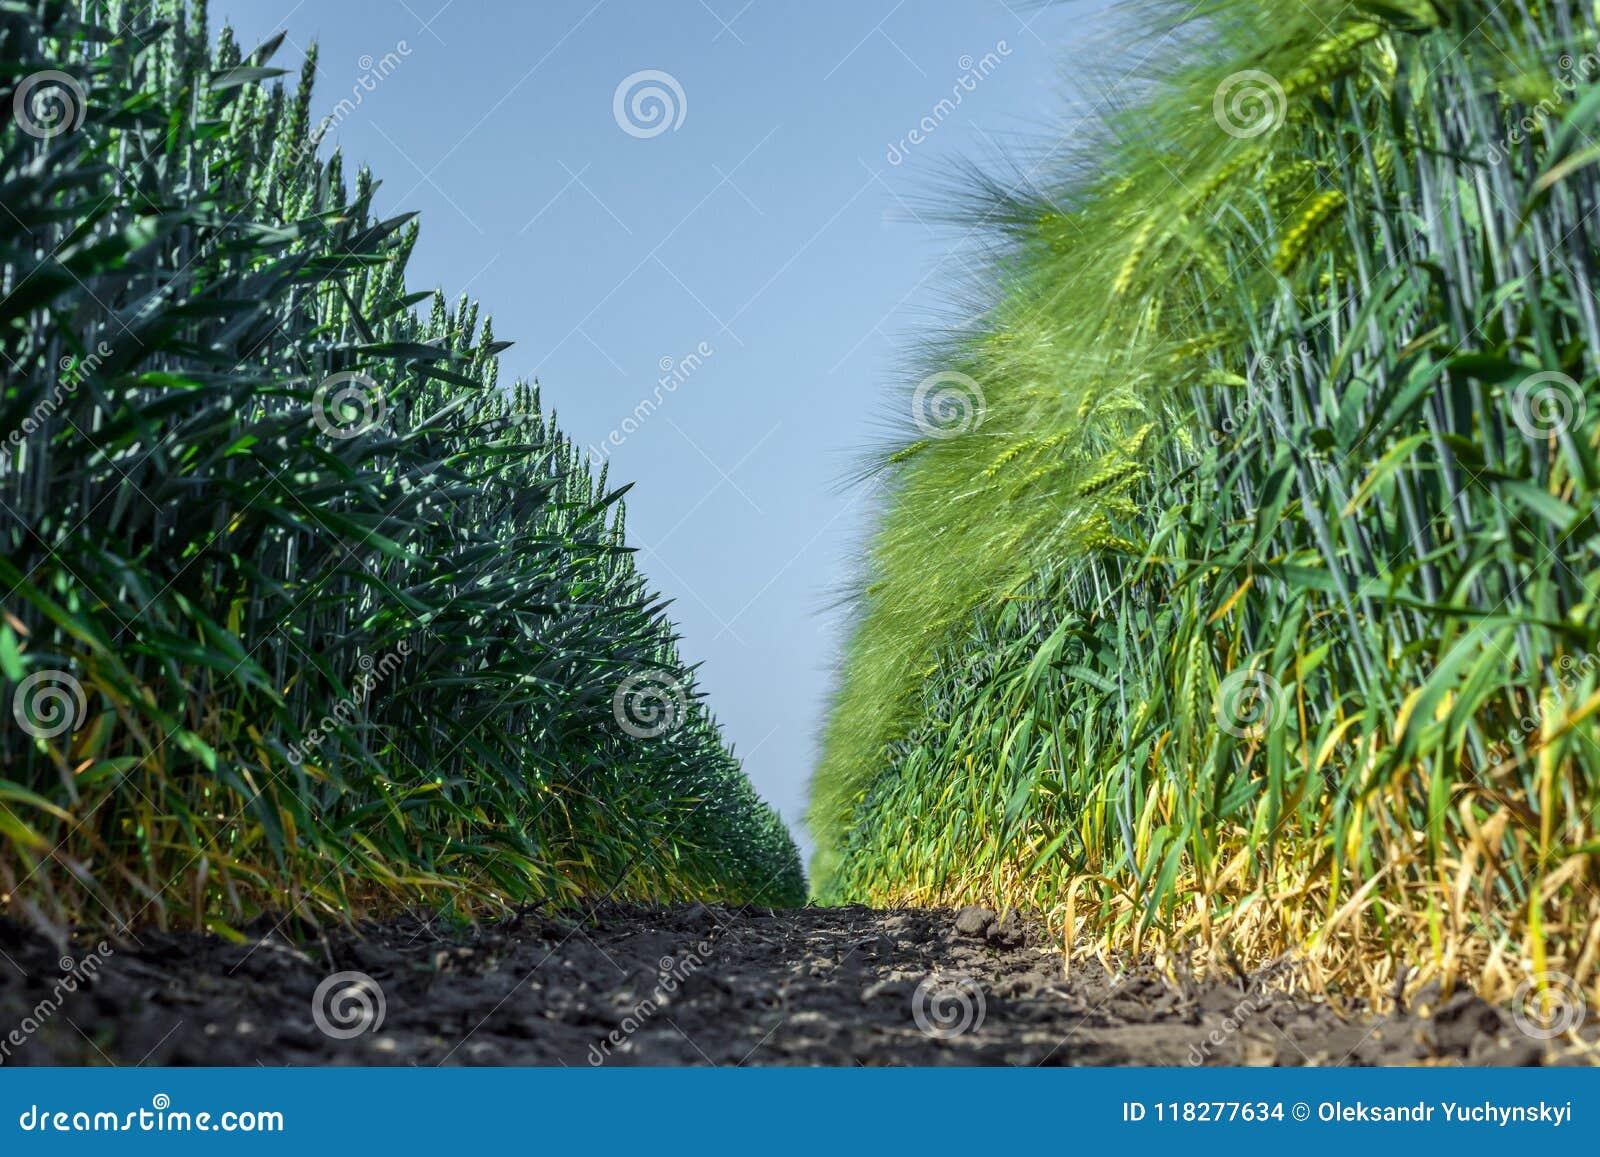 Dos paredes de plantas perfectamente lisas y similares del trigo y de la cebada, como dos ejércitos, uno enfrente del otro contra